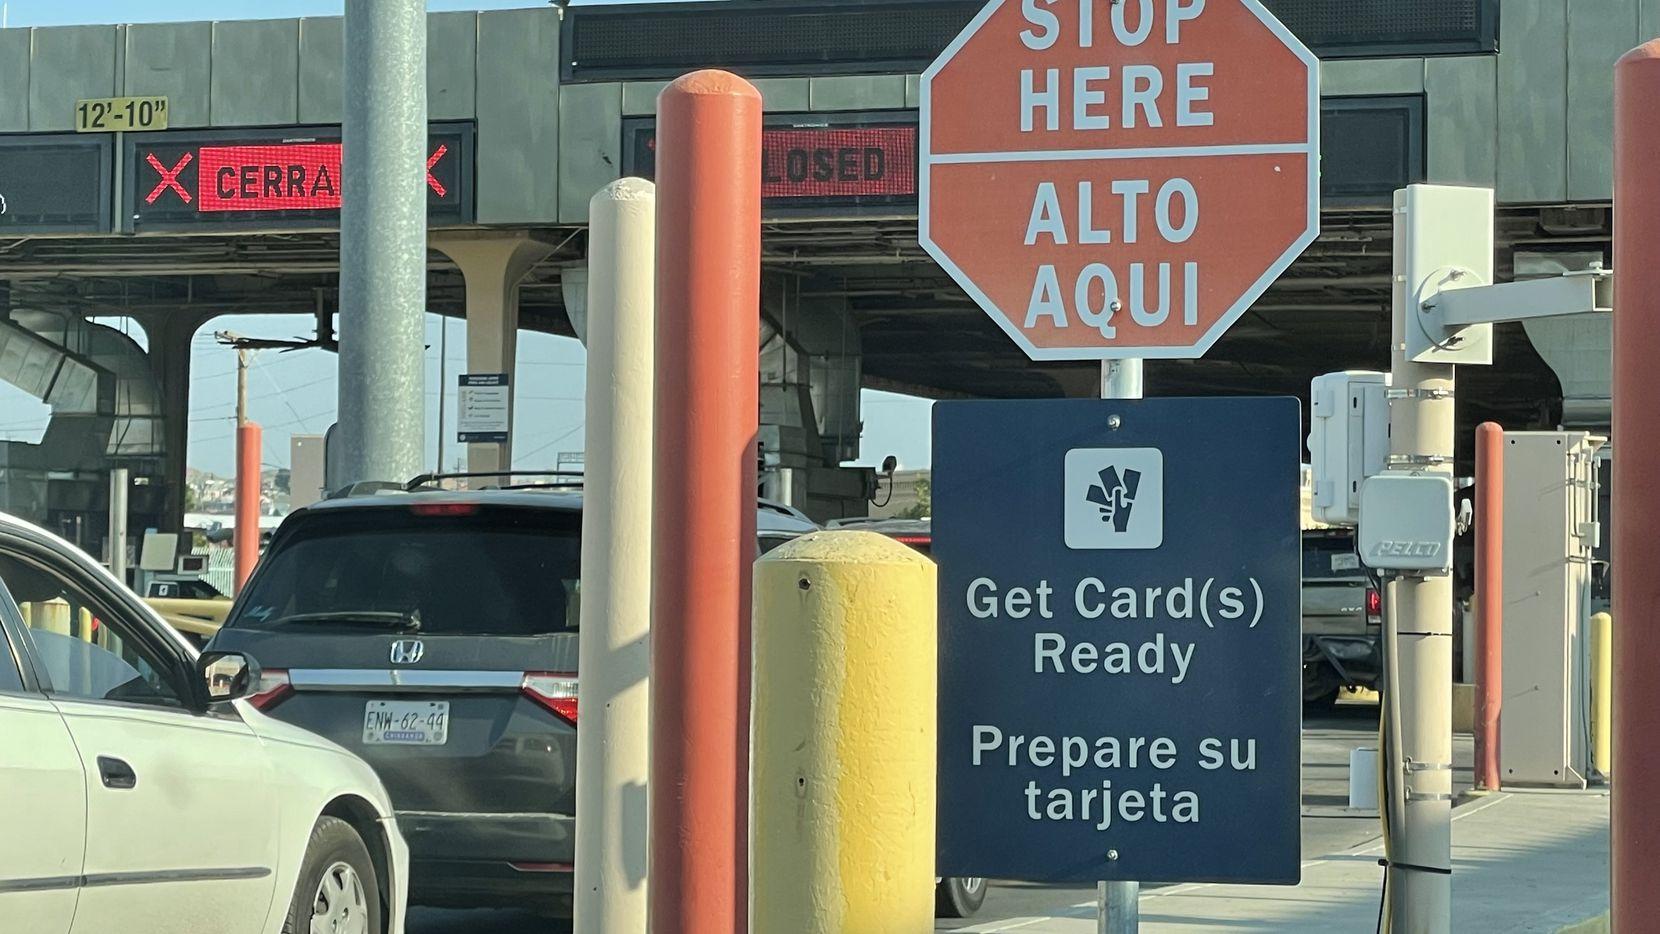 La frontera terrestre entre Estados Unidos y México ha estado cerrada parcialmente desde el 21 de marzo del 2020 por la pandemia de covid-19.